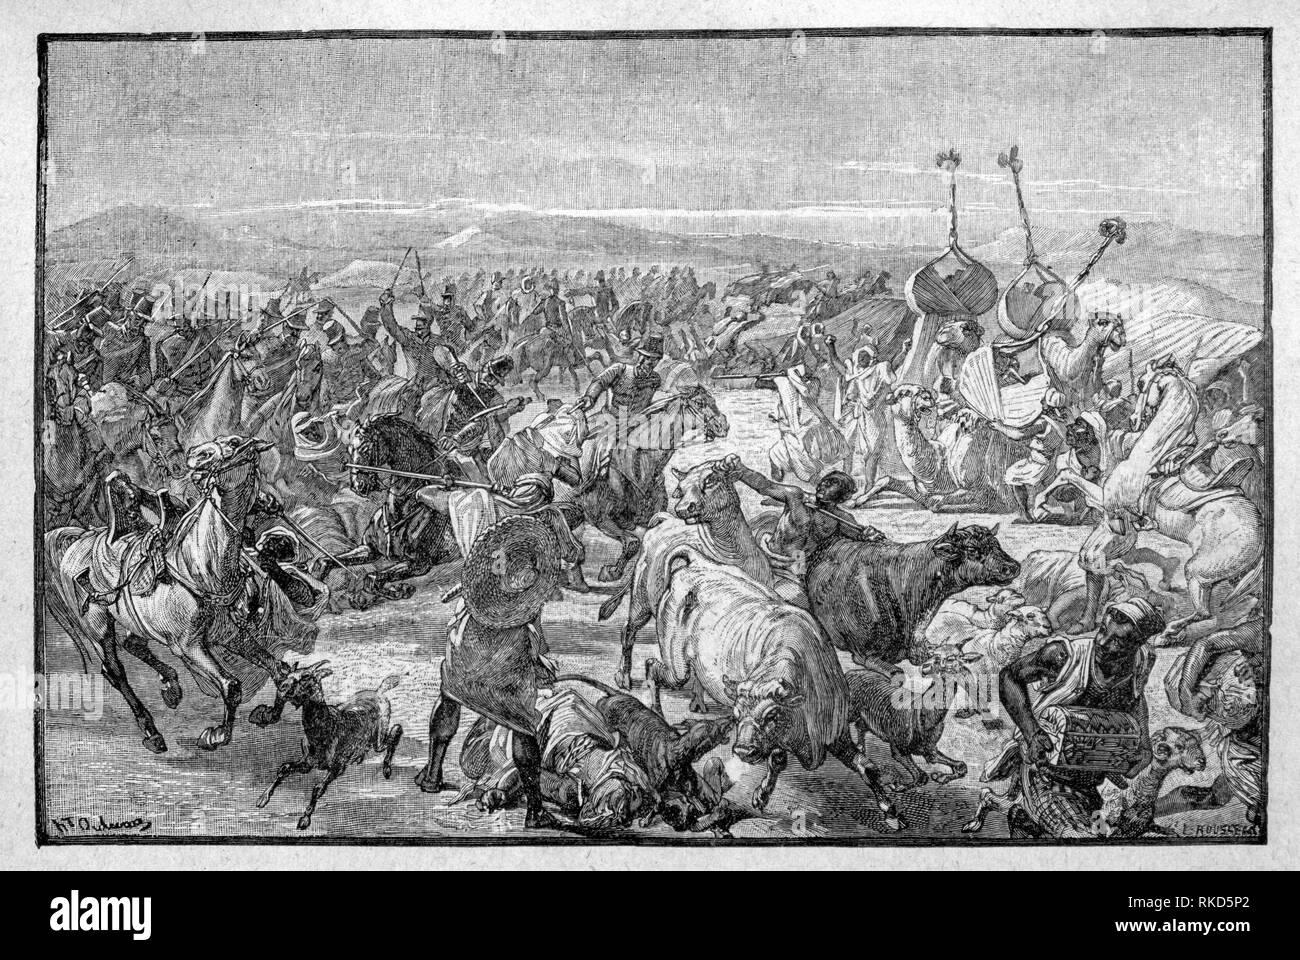 Argel. Conquista de Argel, en torno a 1830: La historia de Argel desde 1830 a 1962 está vinculado a la historia más grande de Argelia y su relación con Imagen De Stock